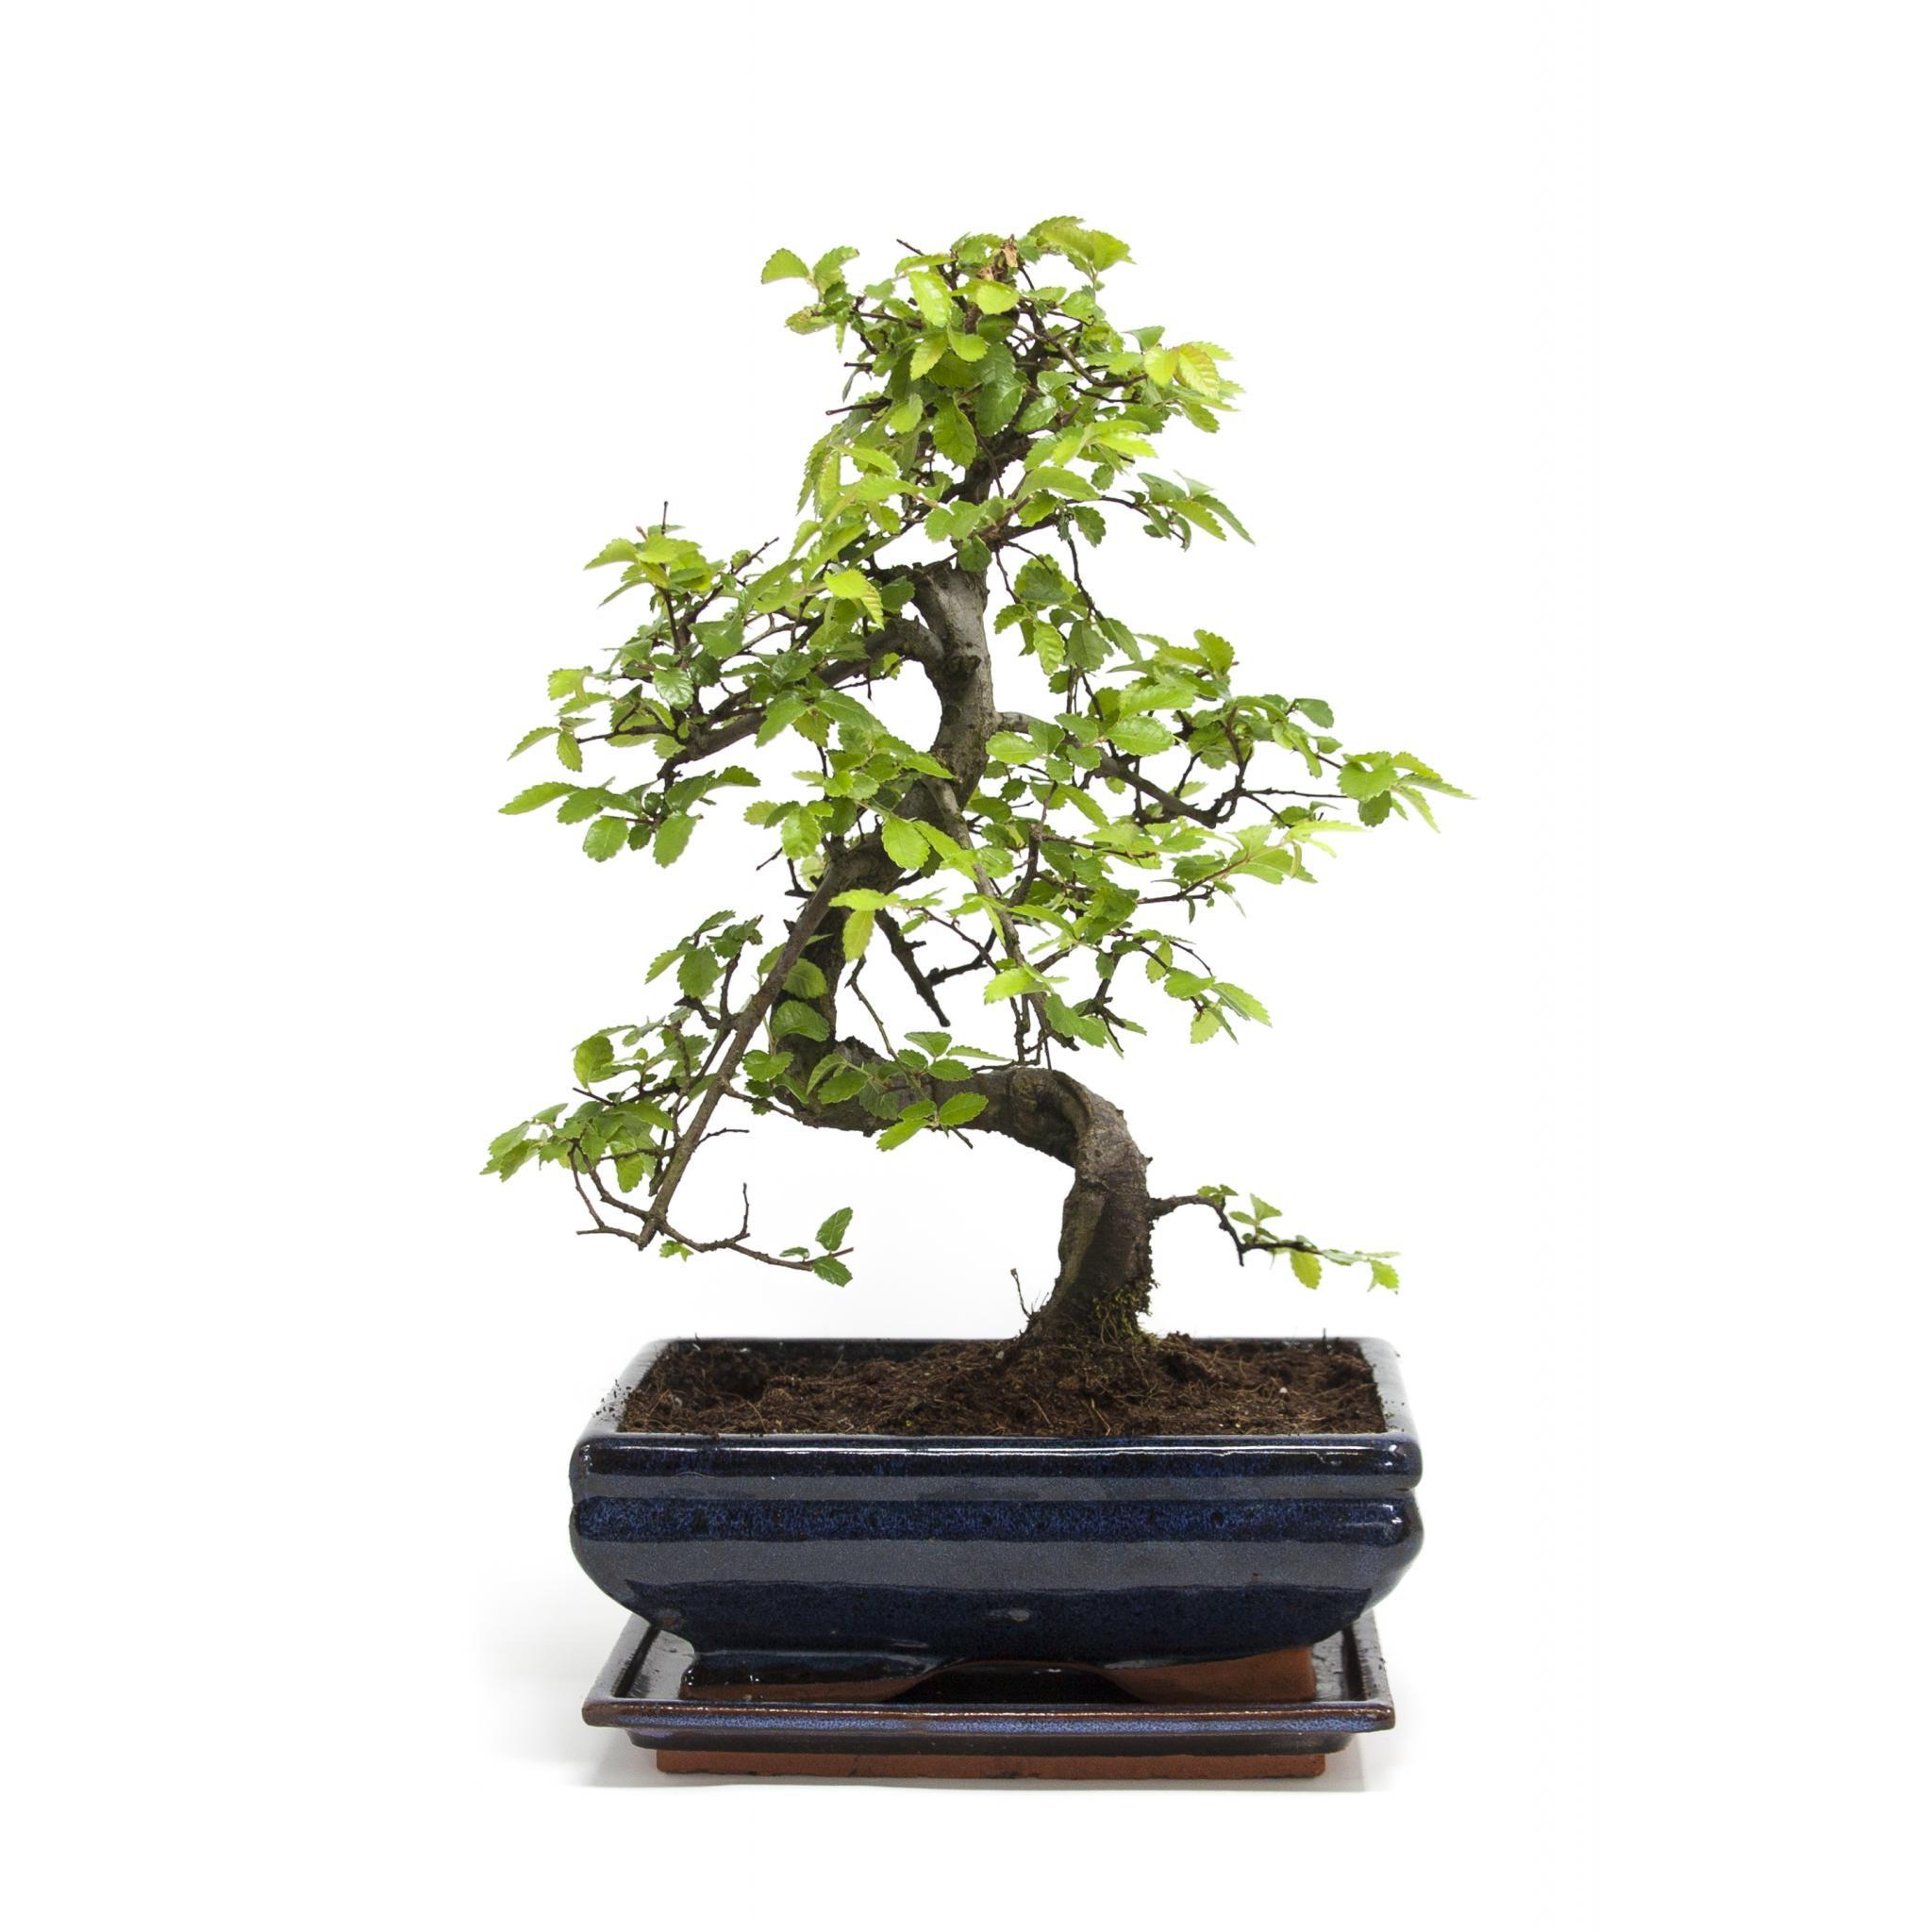 Cet artisanat est originaire de Chine et nécessite des années de formation et des siècles de dévouement.